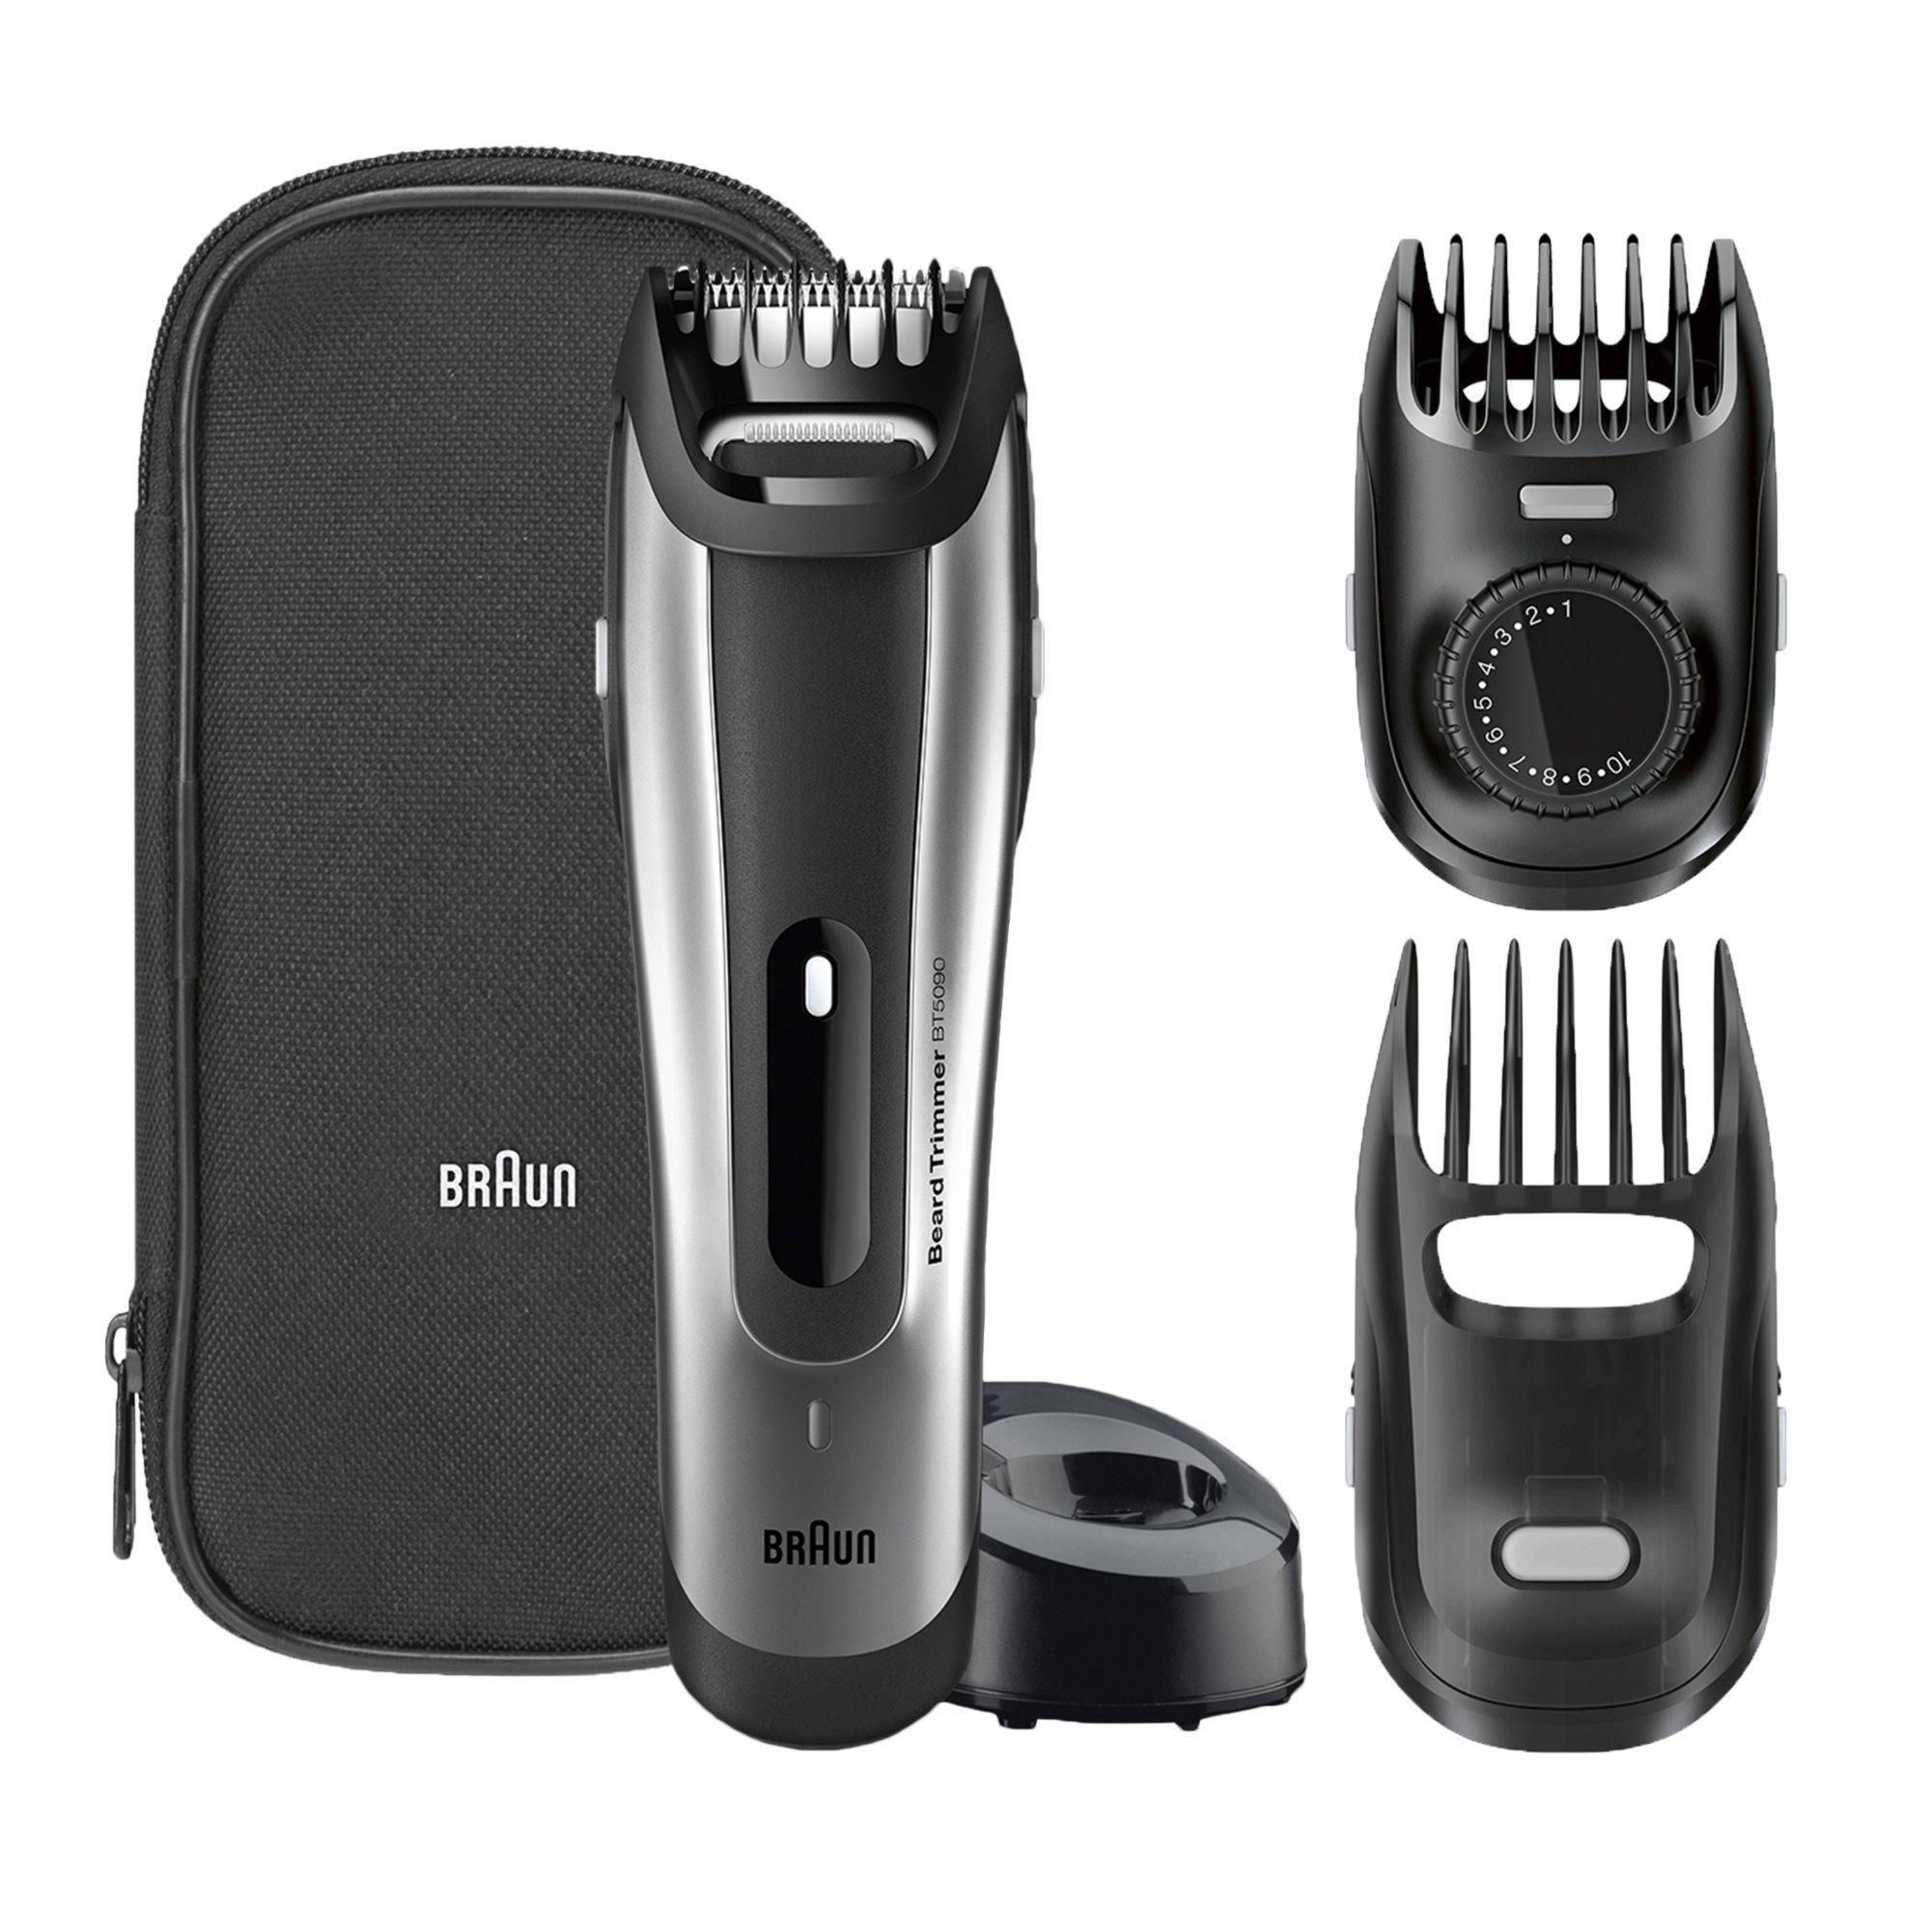 Braun BT5090 Tondeuse Barbe Homme avec Dents Espacées de 0;5mm product image